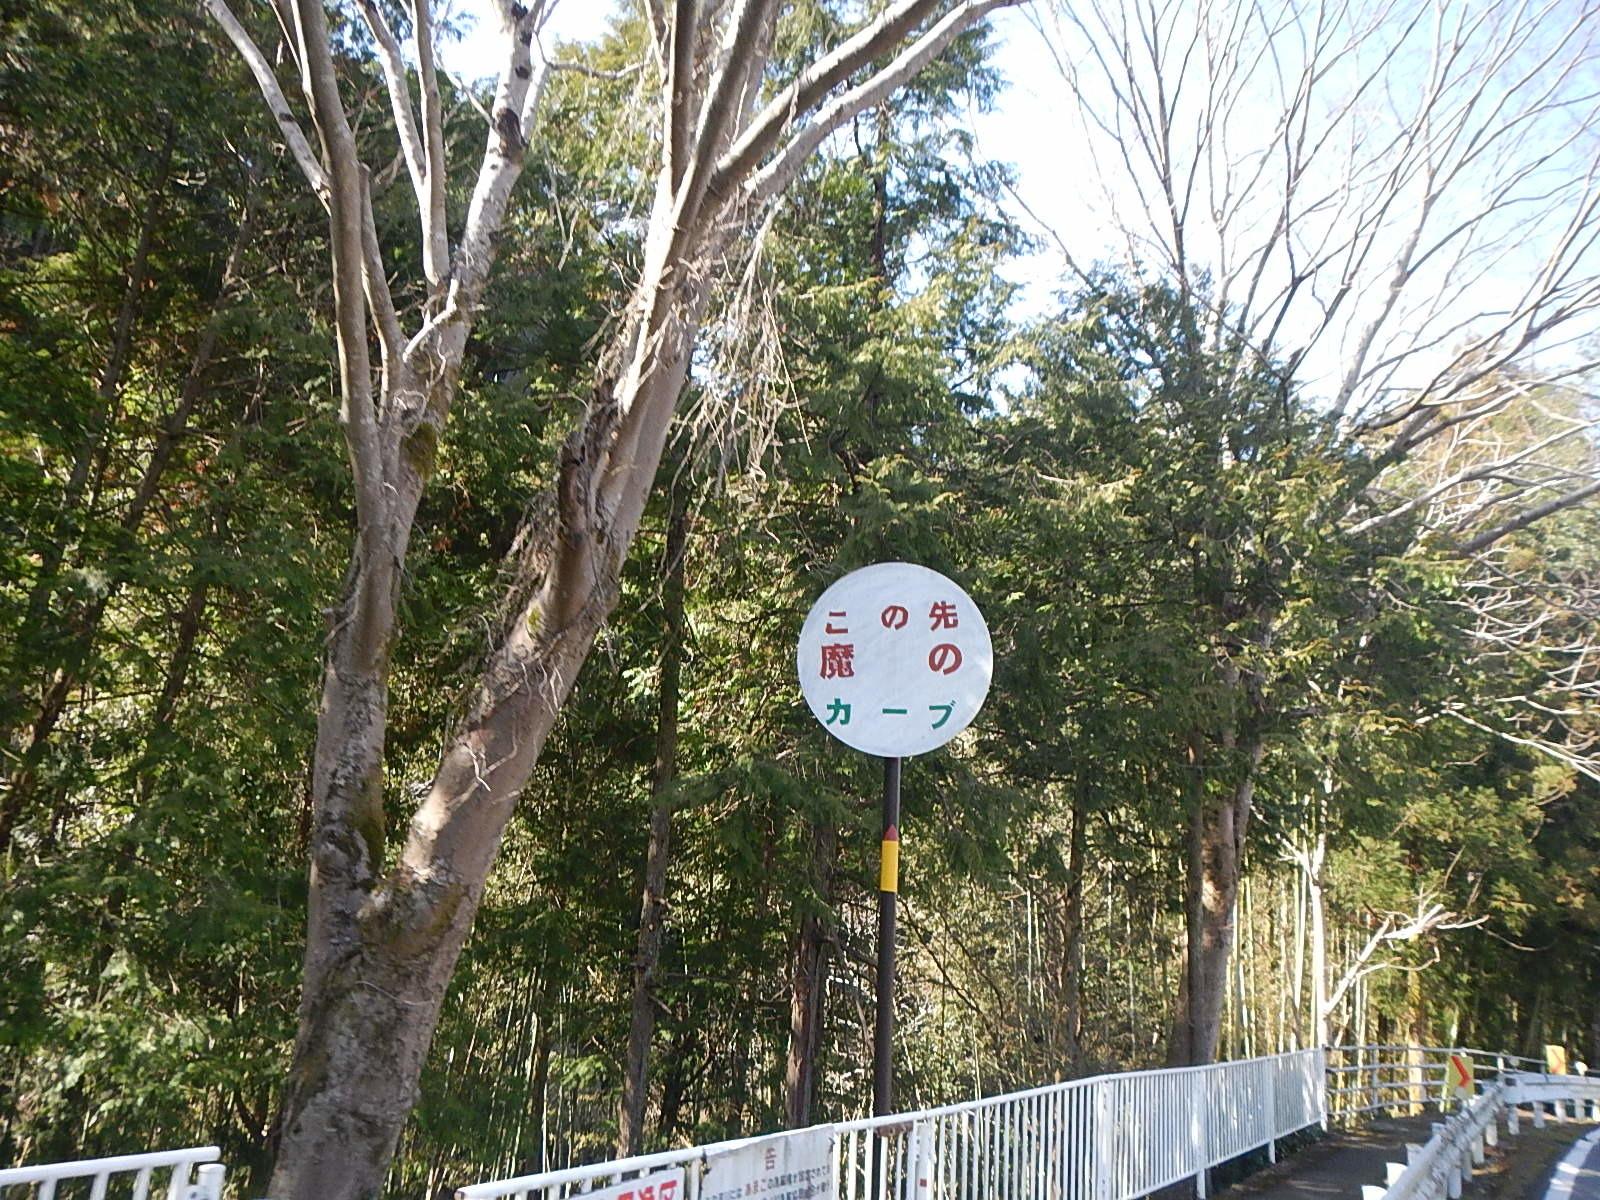 サイクリング日記②_a0386742_14344335.jpg